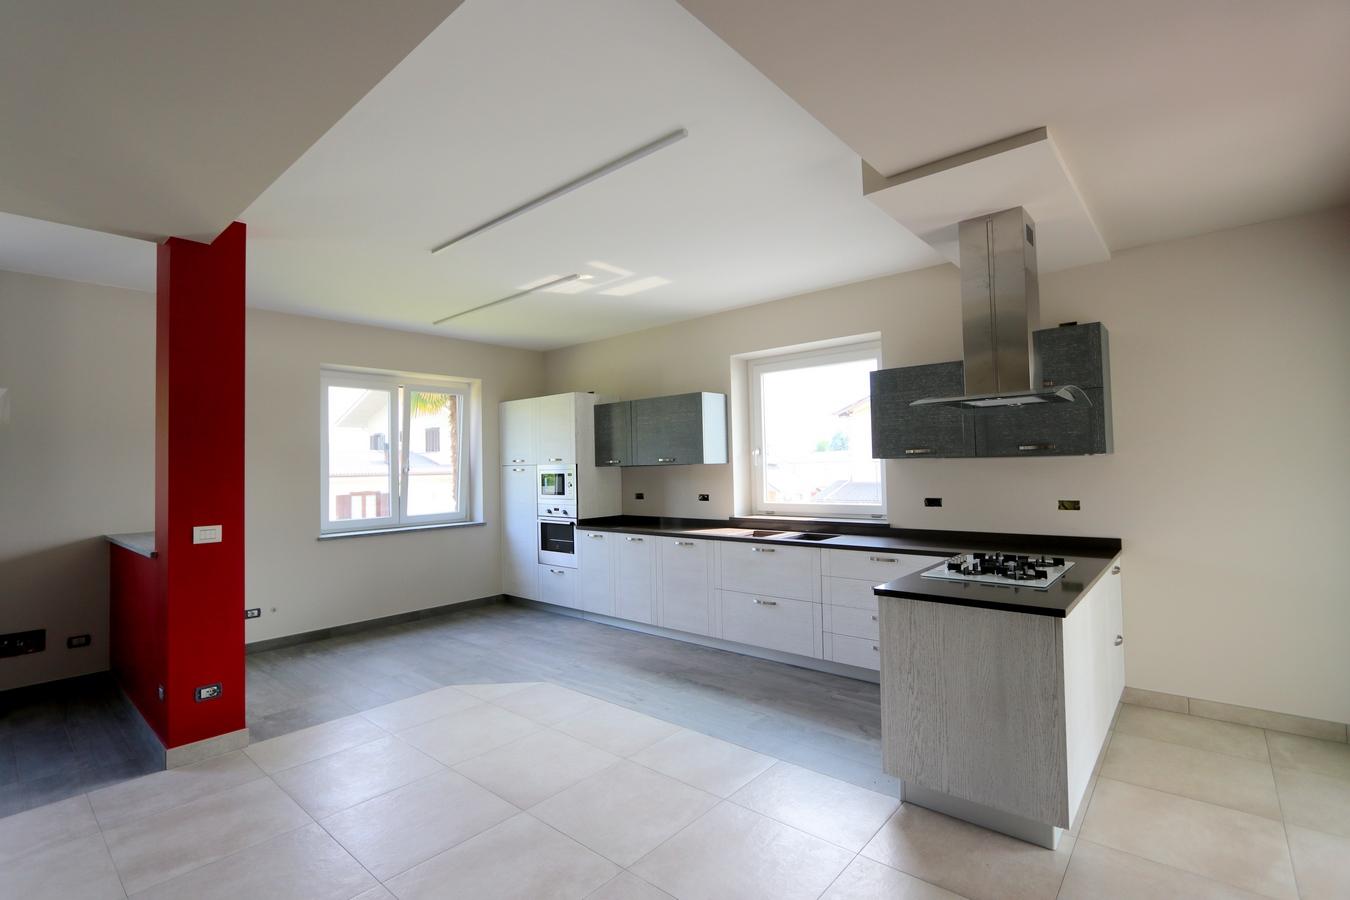 Cucina con lavelli sotto finestra 70 racca gli ebanisti - Cucine sotto finestra ...